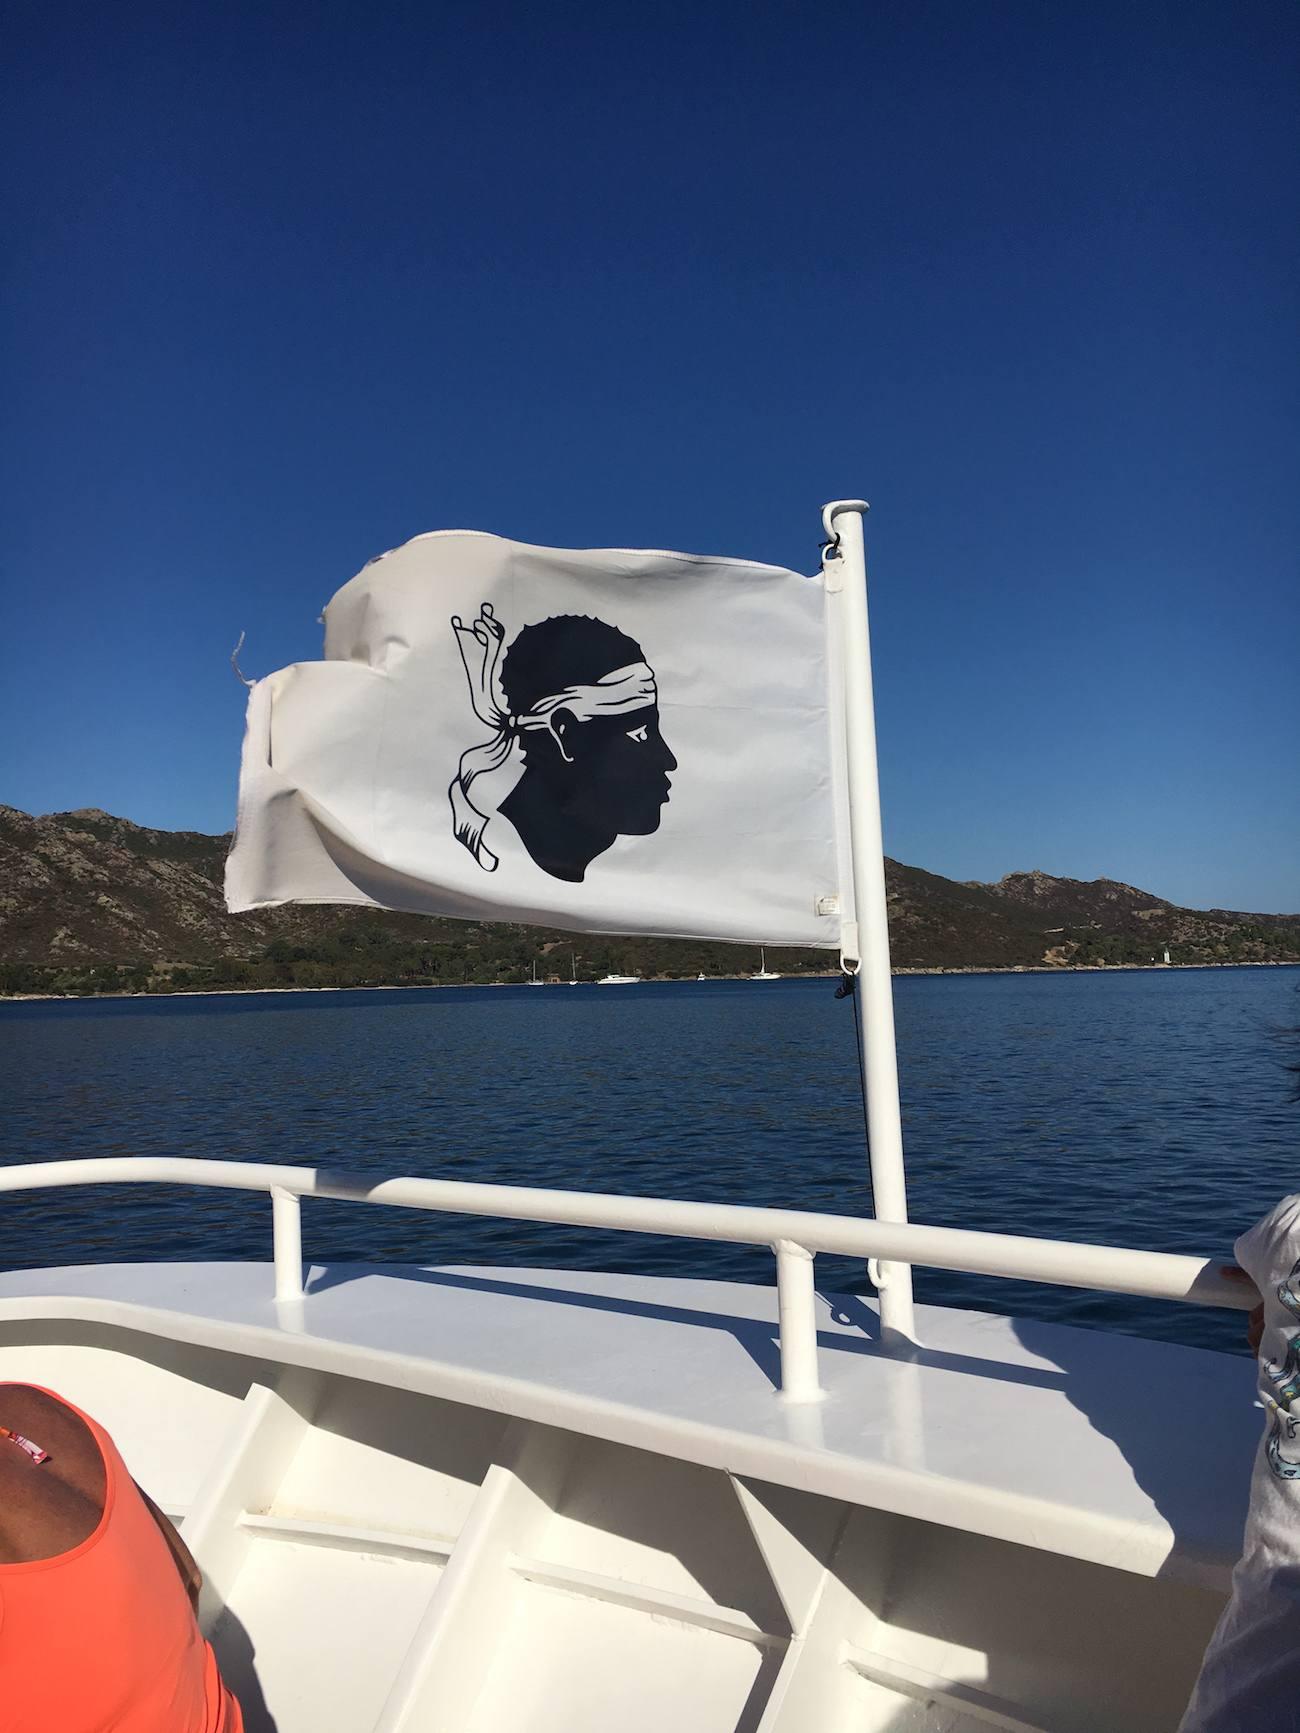 Corse - Road trip bonnes adresses - Blog Voyage nantes 24